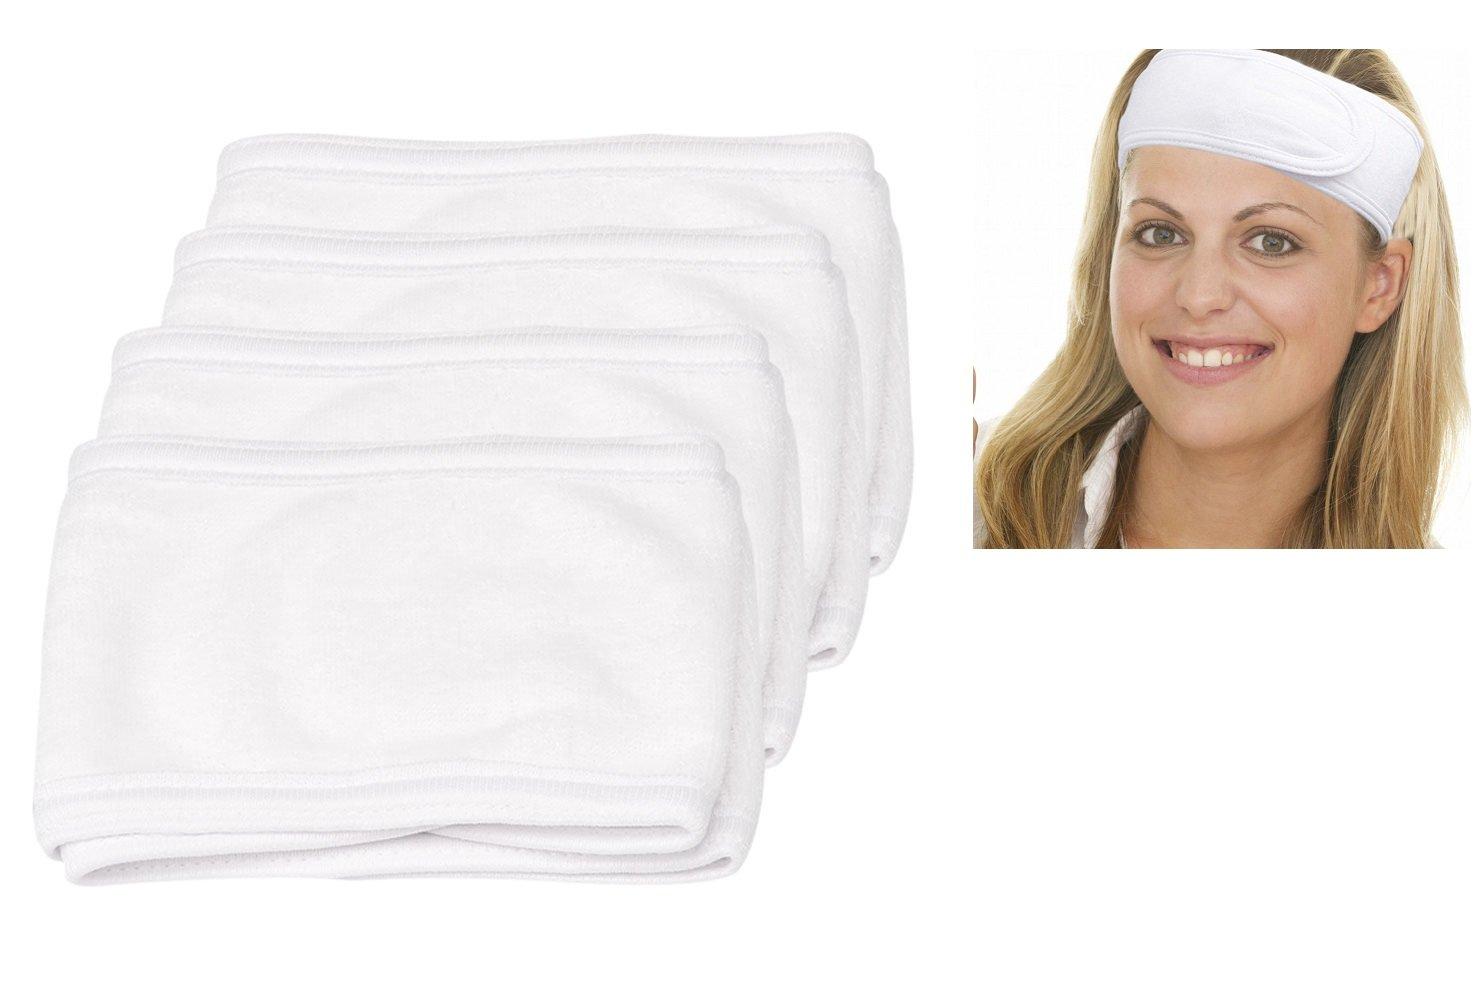 Cavetee Makeup Headband Facial Headbands, 4pcs White Terry Cloth Spa Headbands Sport Headbands For Women Men Girls (White)